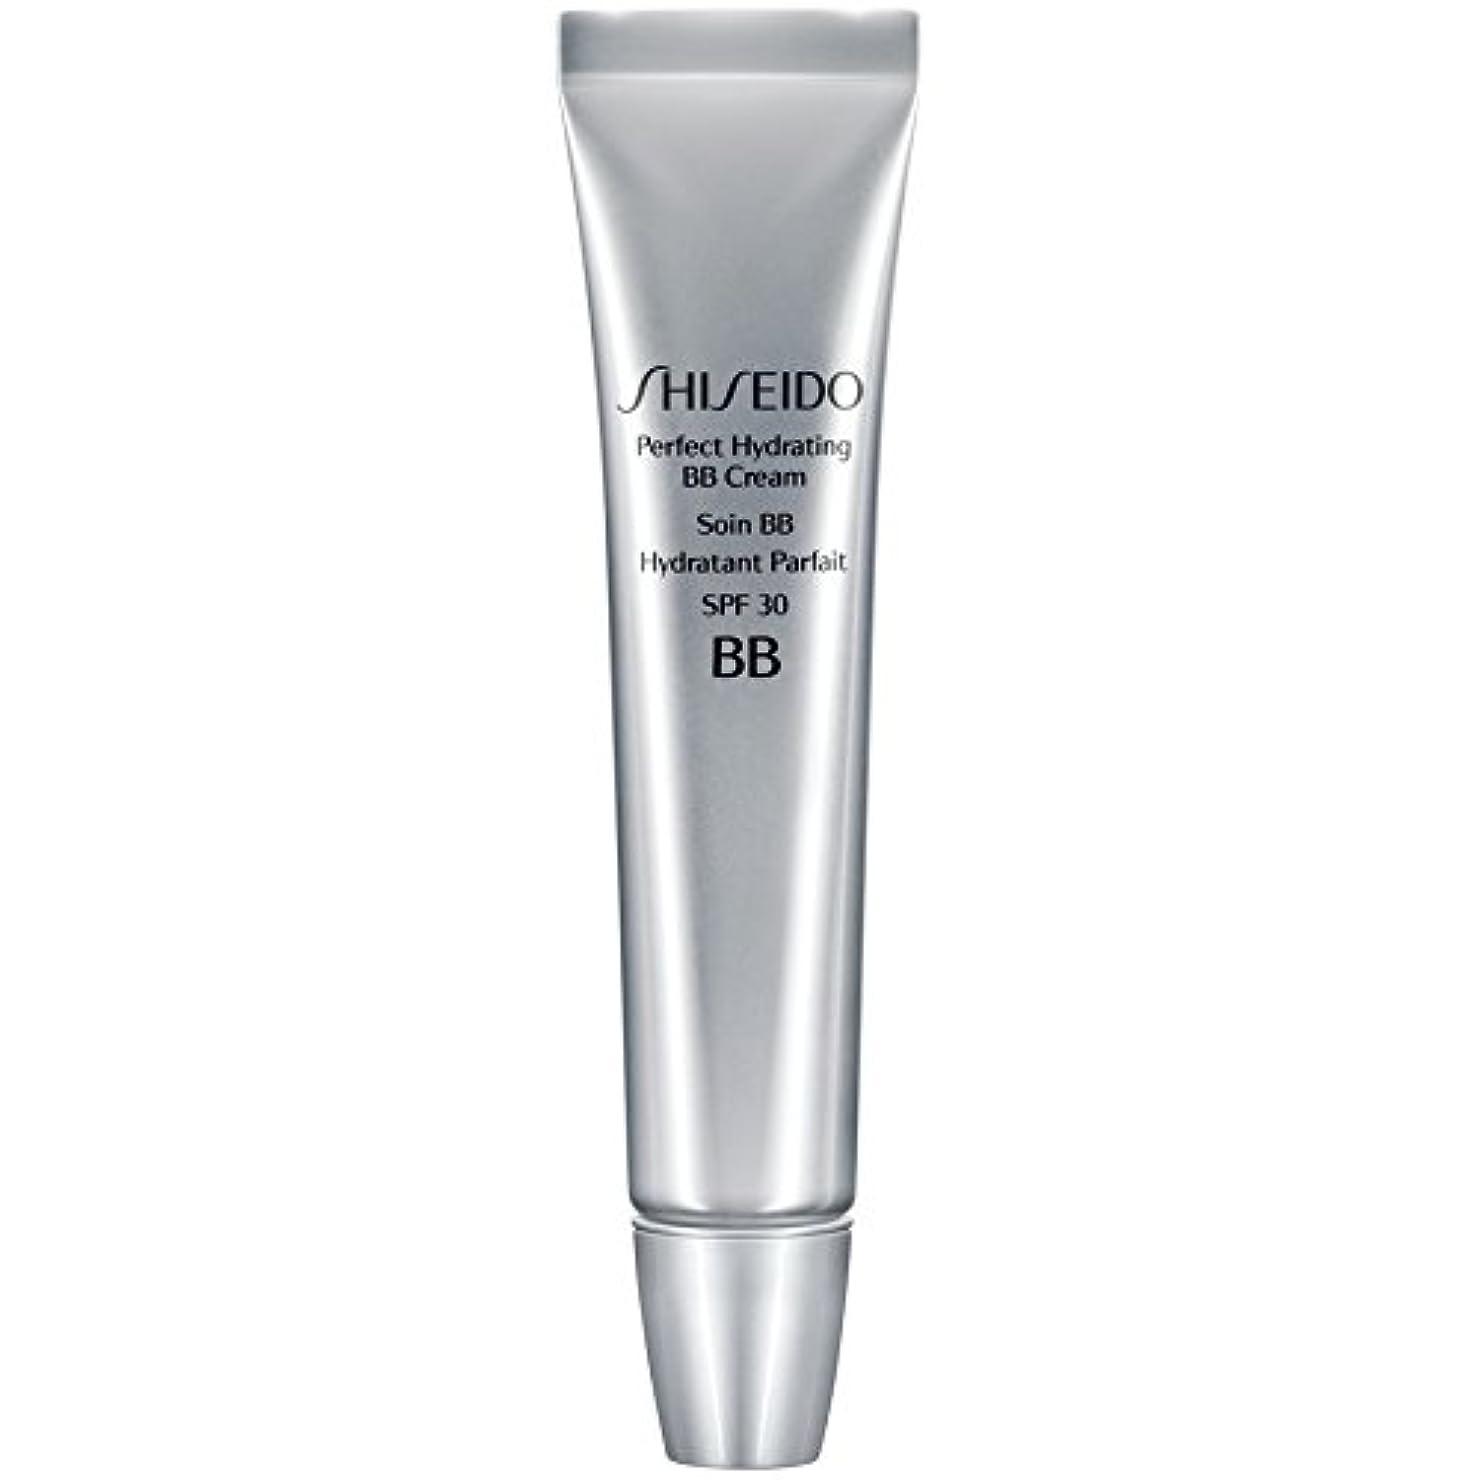 聴くパイルり[Shiseido ] 資生堂完璧な水和BbクリームSpf 30 30ミリリットル媒体 - Shiseido Perfect Hydrating BB Cream SPF 30 30ml Medium [並行輸入品]